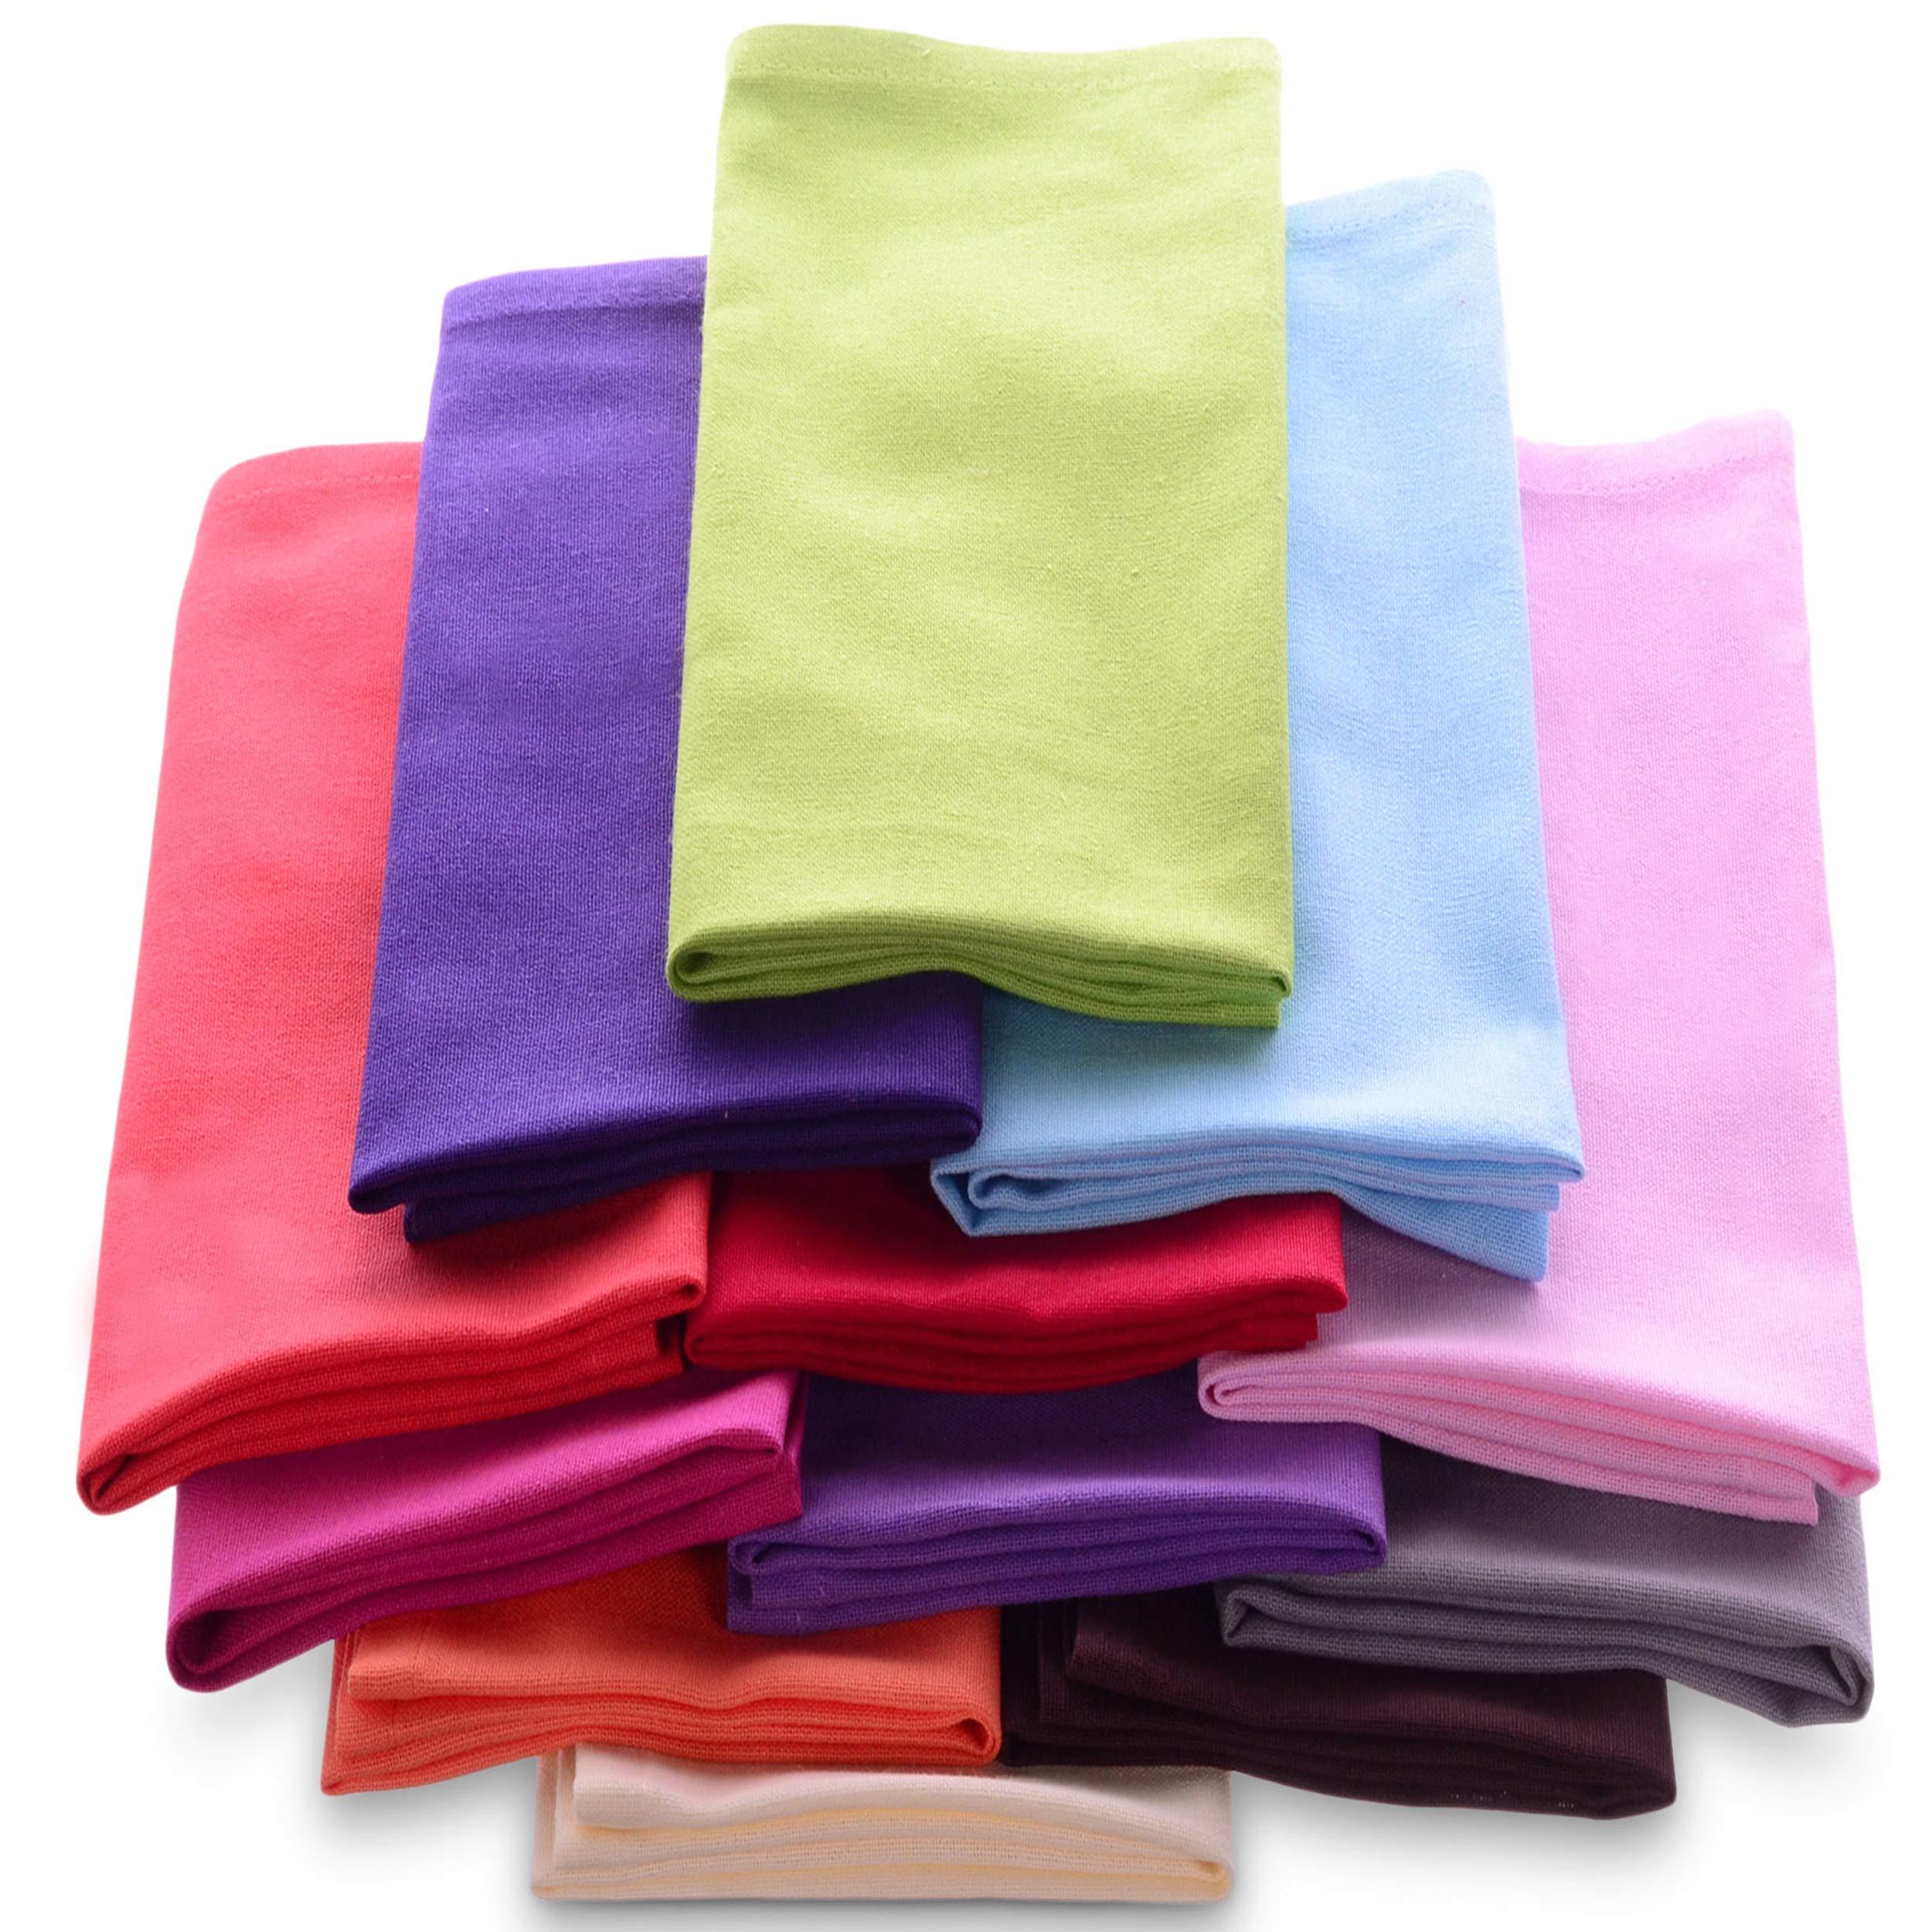 Cotton Dinner Napkins Cloth 20 x 20 100% Natural Bulk Linens for Dinner, Events, Weddings - Magenta, Lime, Ming Red, Stone, Black, Lavender, Grape, Orange, Teal, Navy, Mustard & Leaf, Set of 12